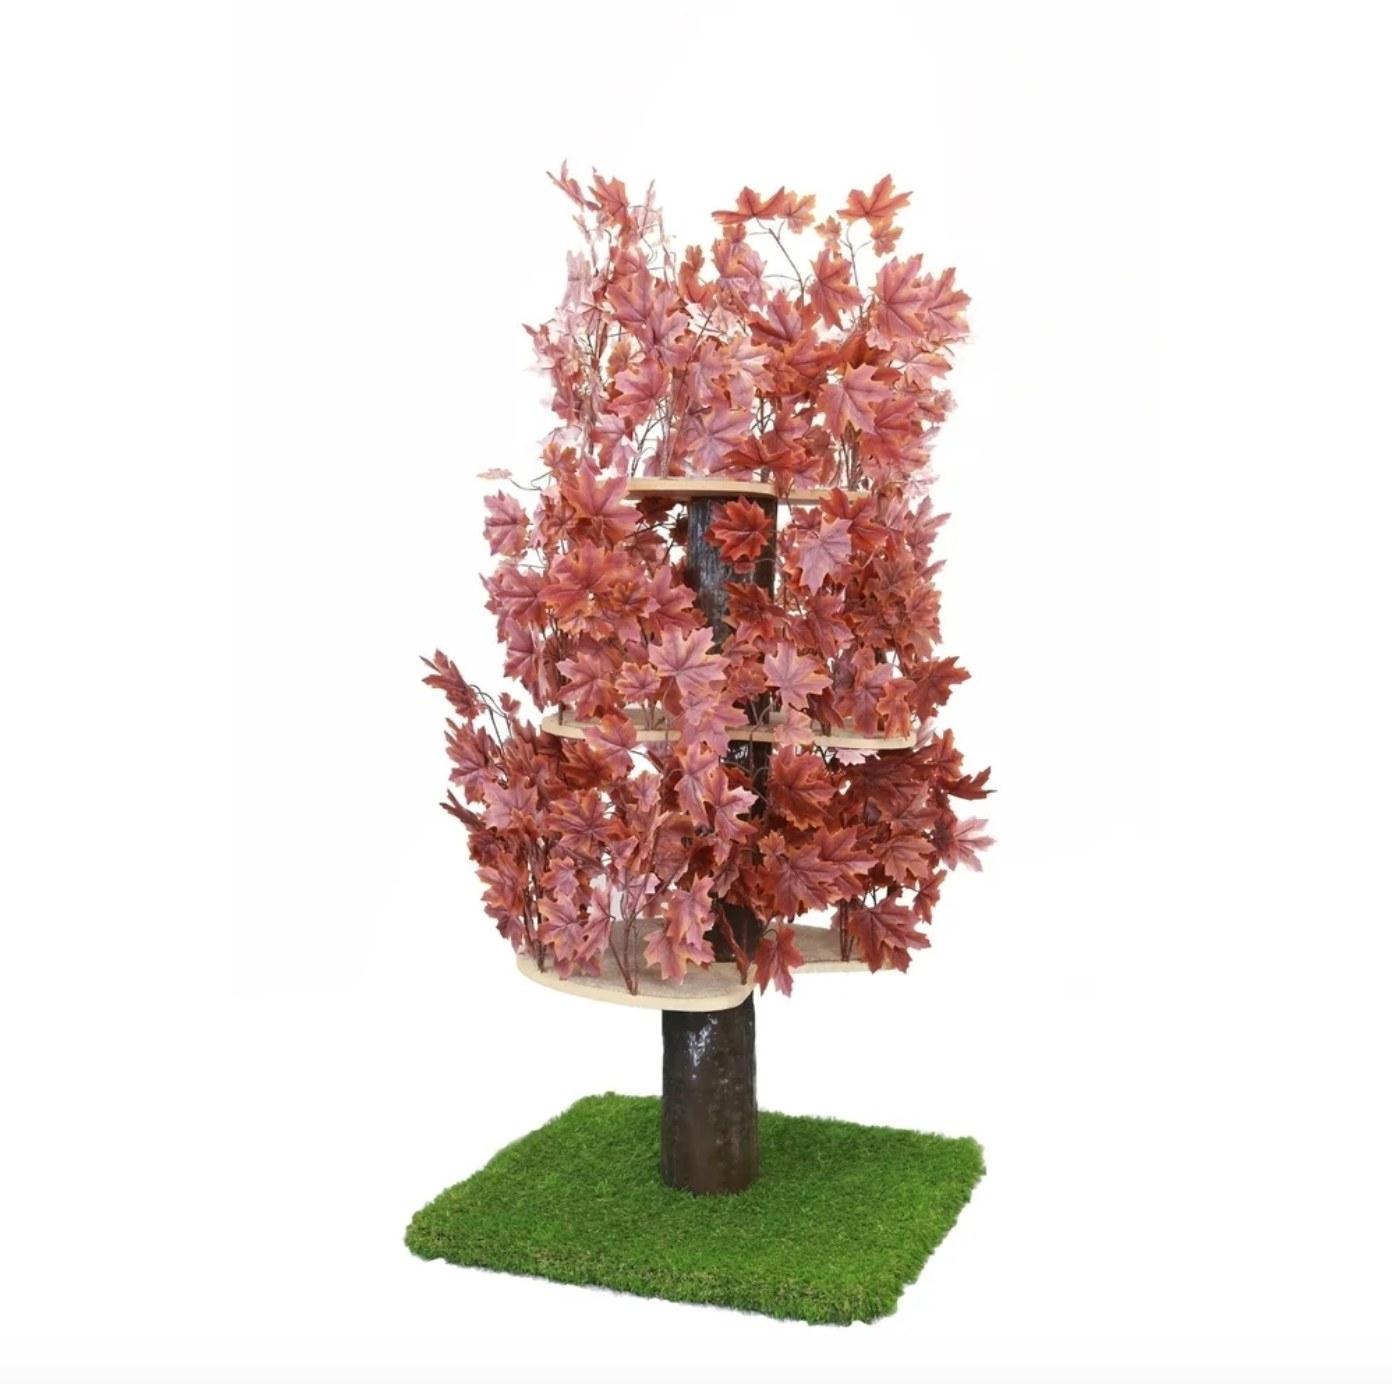 The cat condo tree in plum